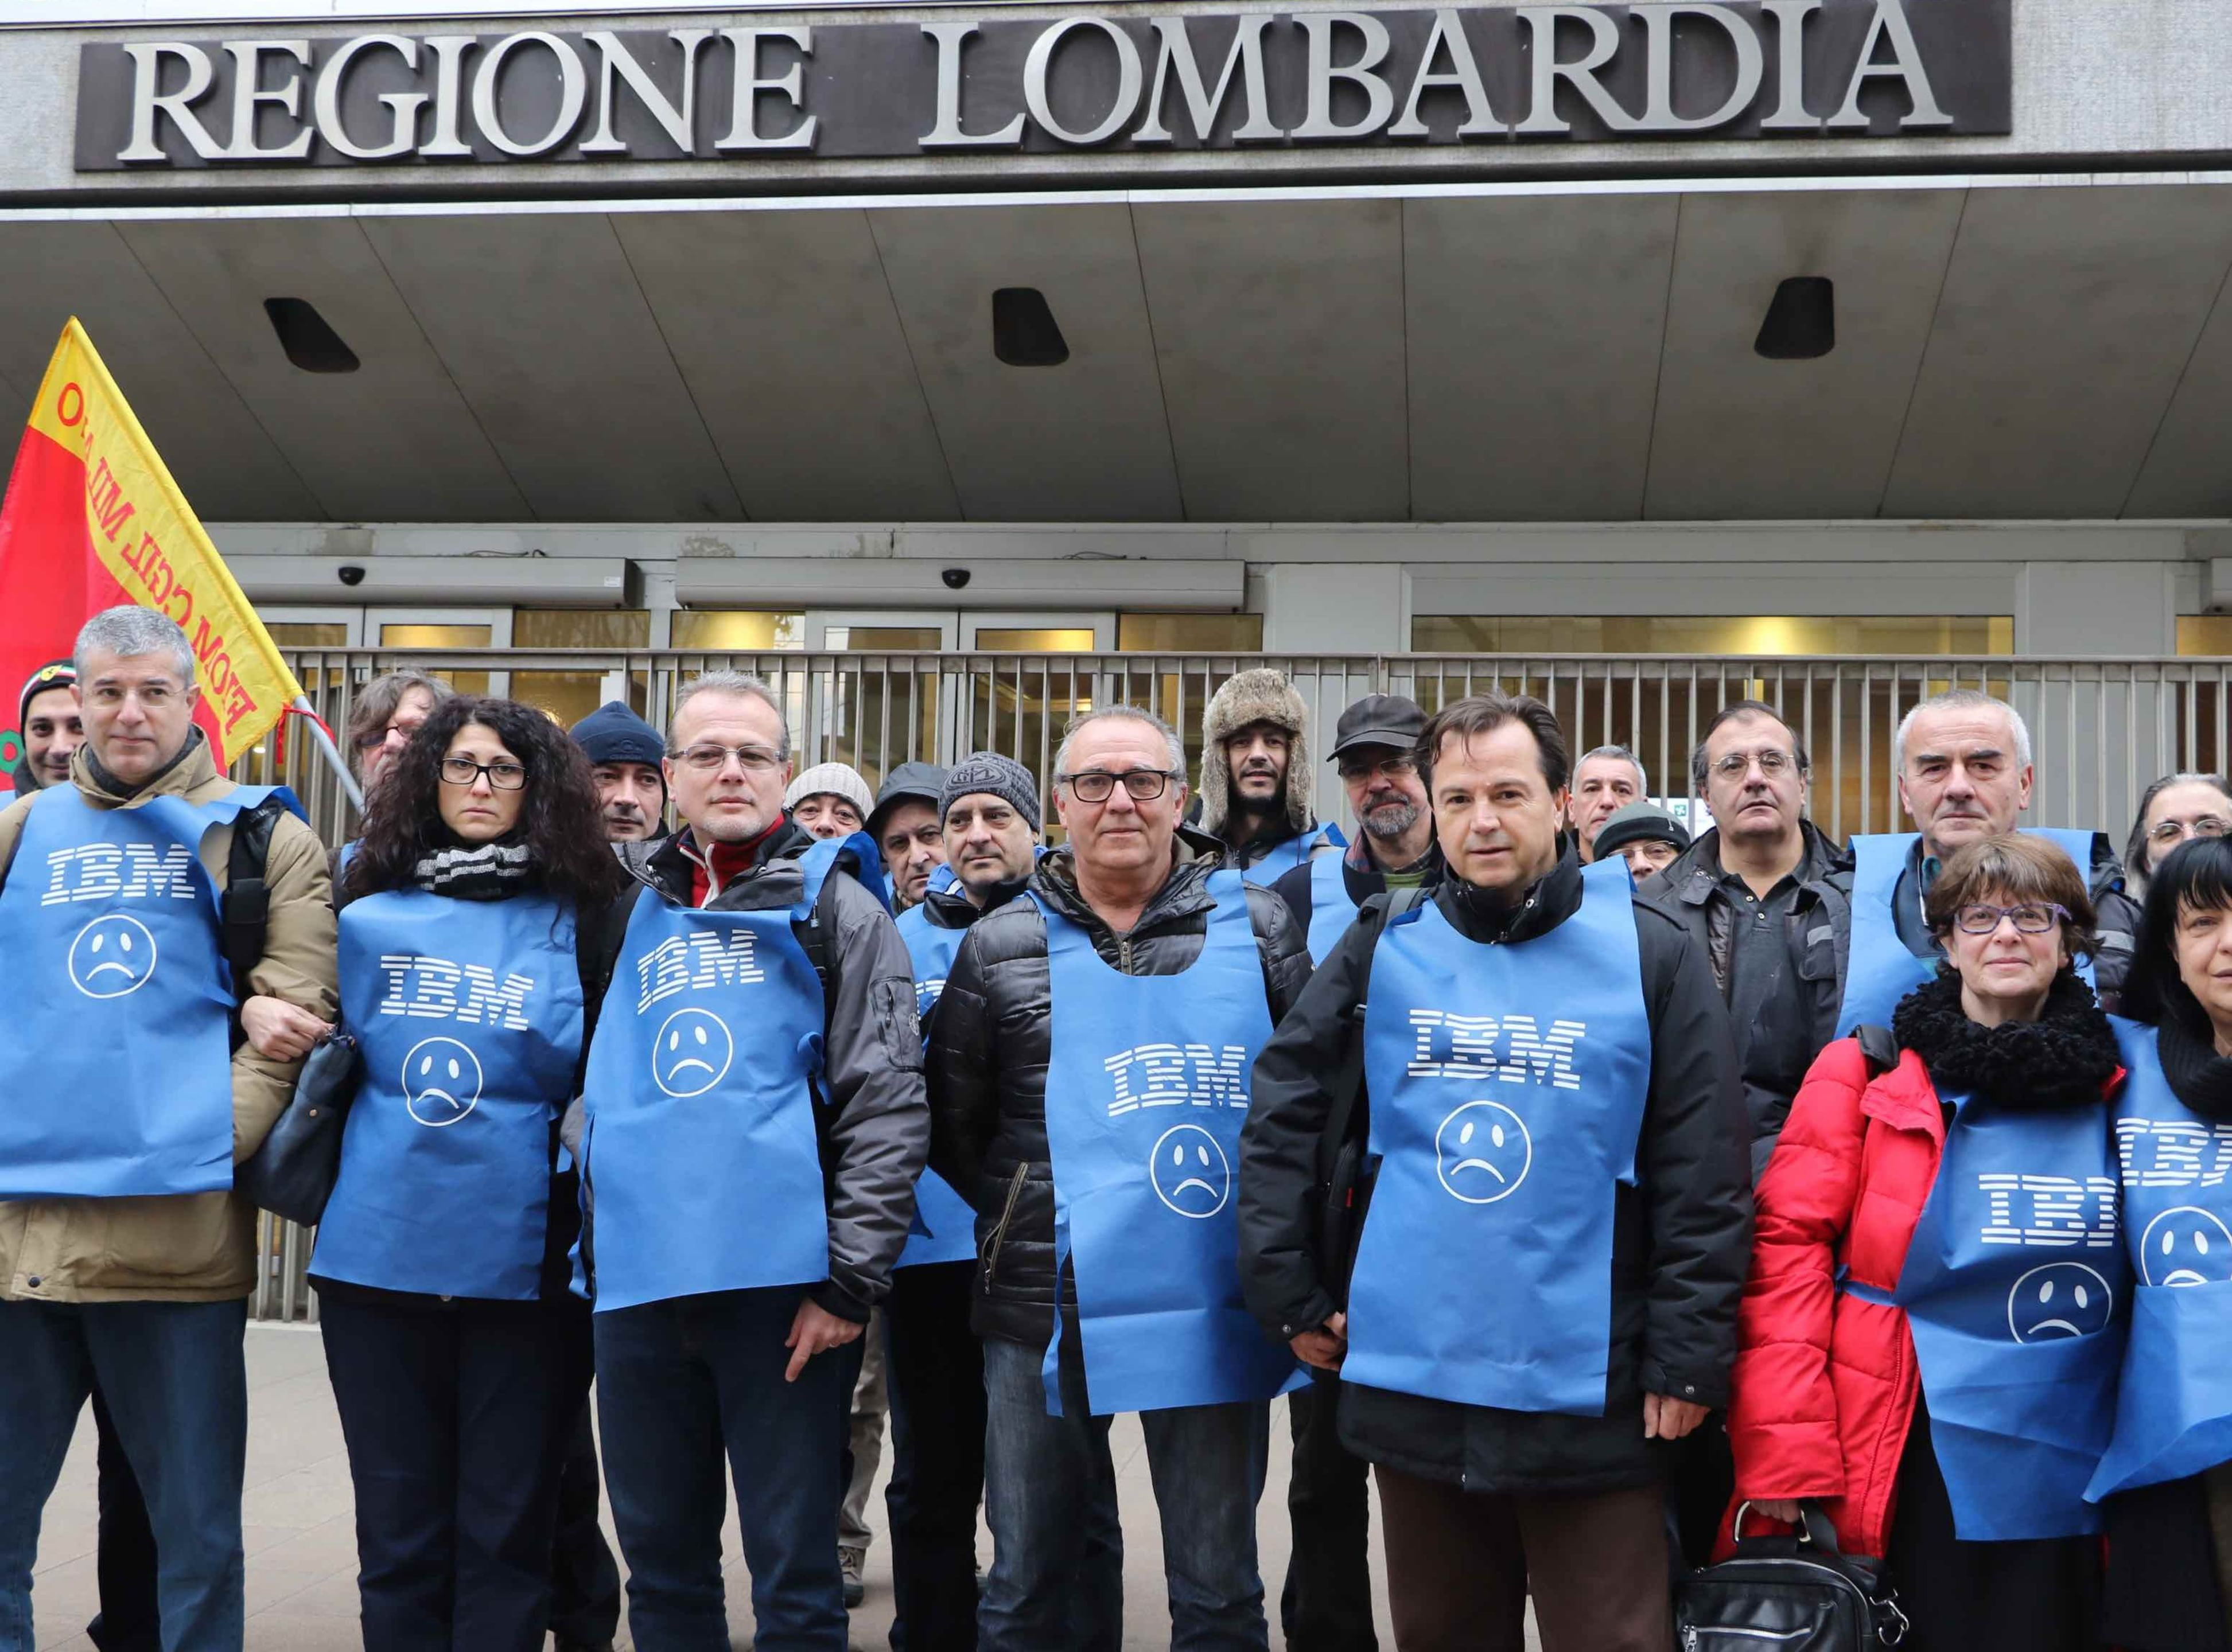 Milano, più lavoro ma precario: il 40% degli assunti ha il part-time con reddito ridotto